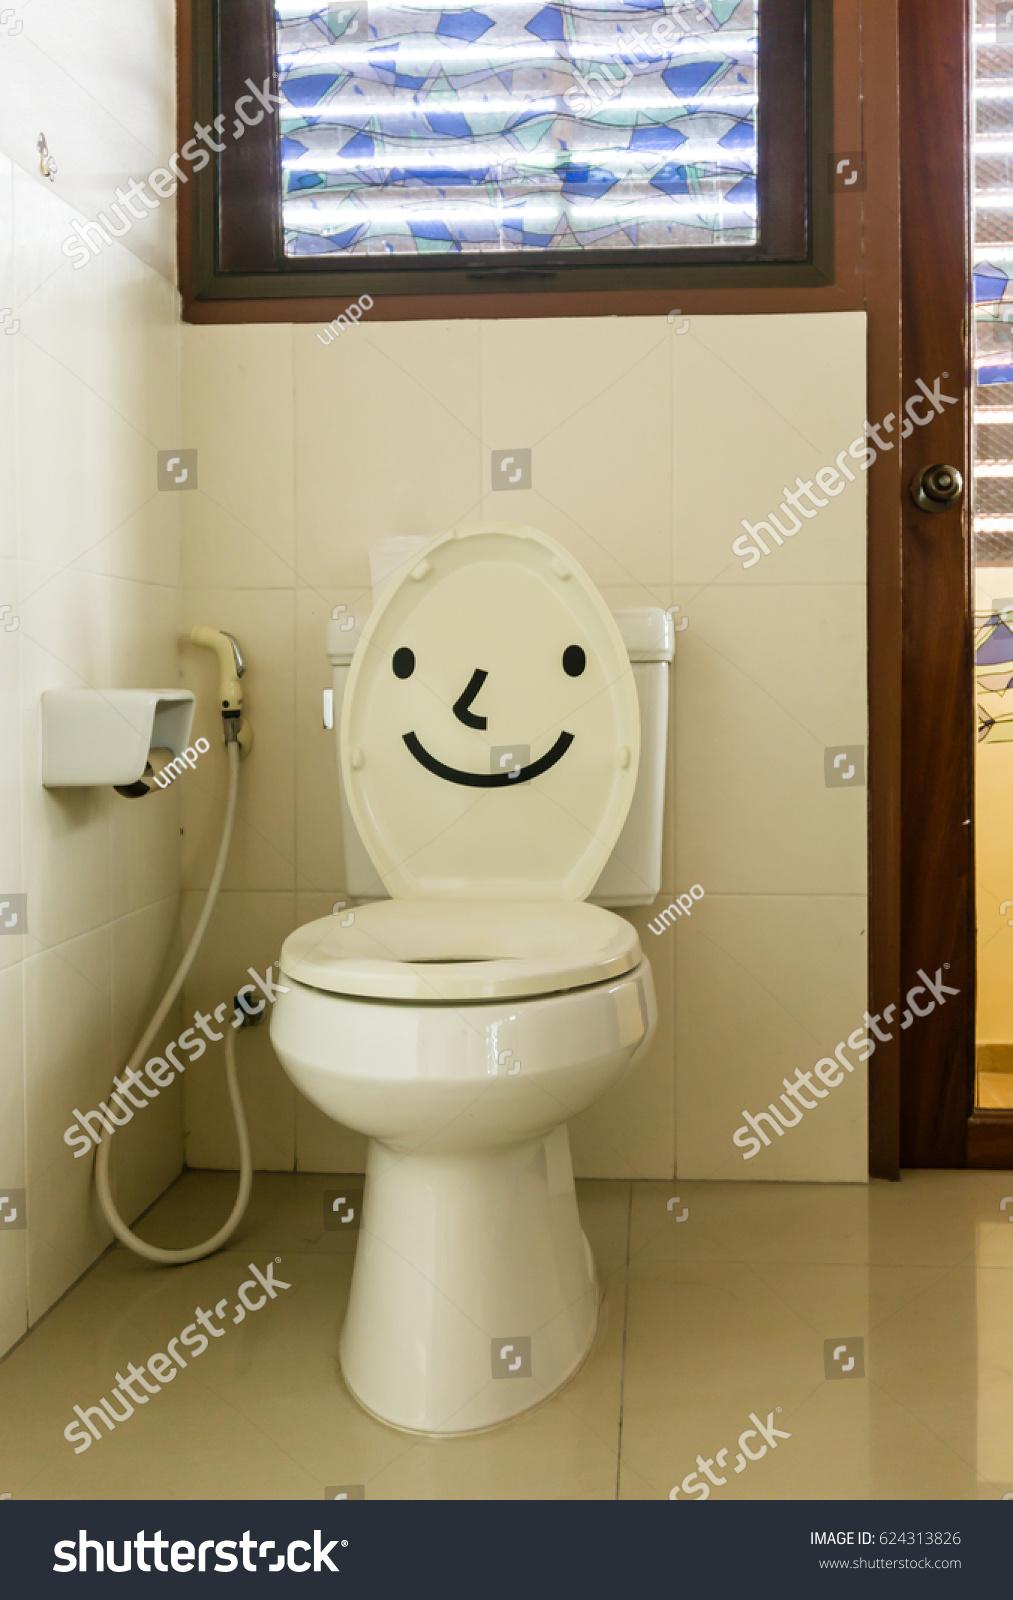 Sanitary Ware Stock Photo 624313826 - Shutterstock